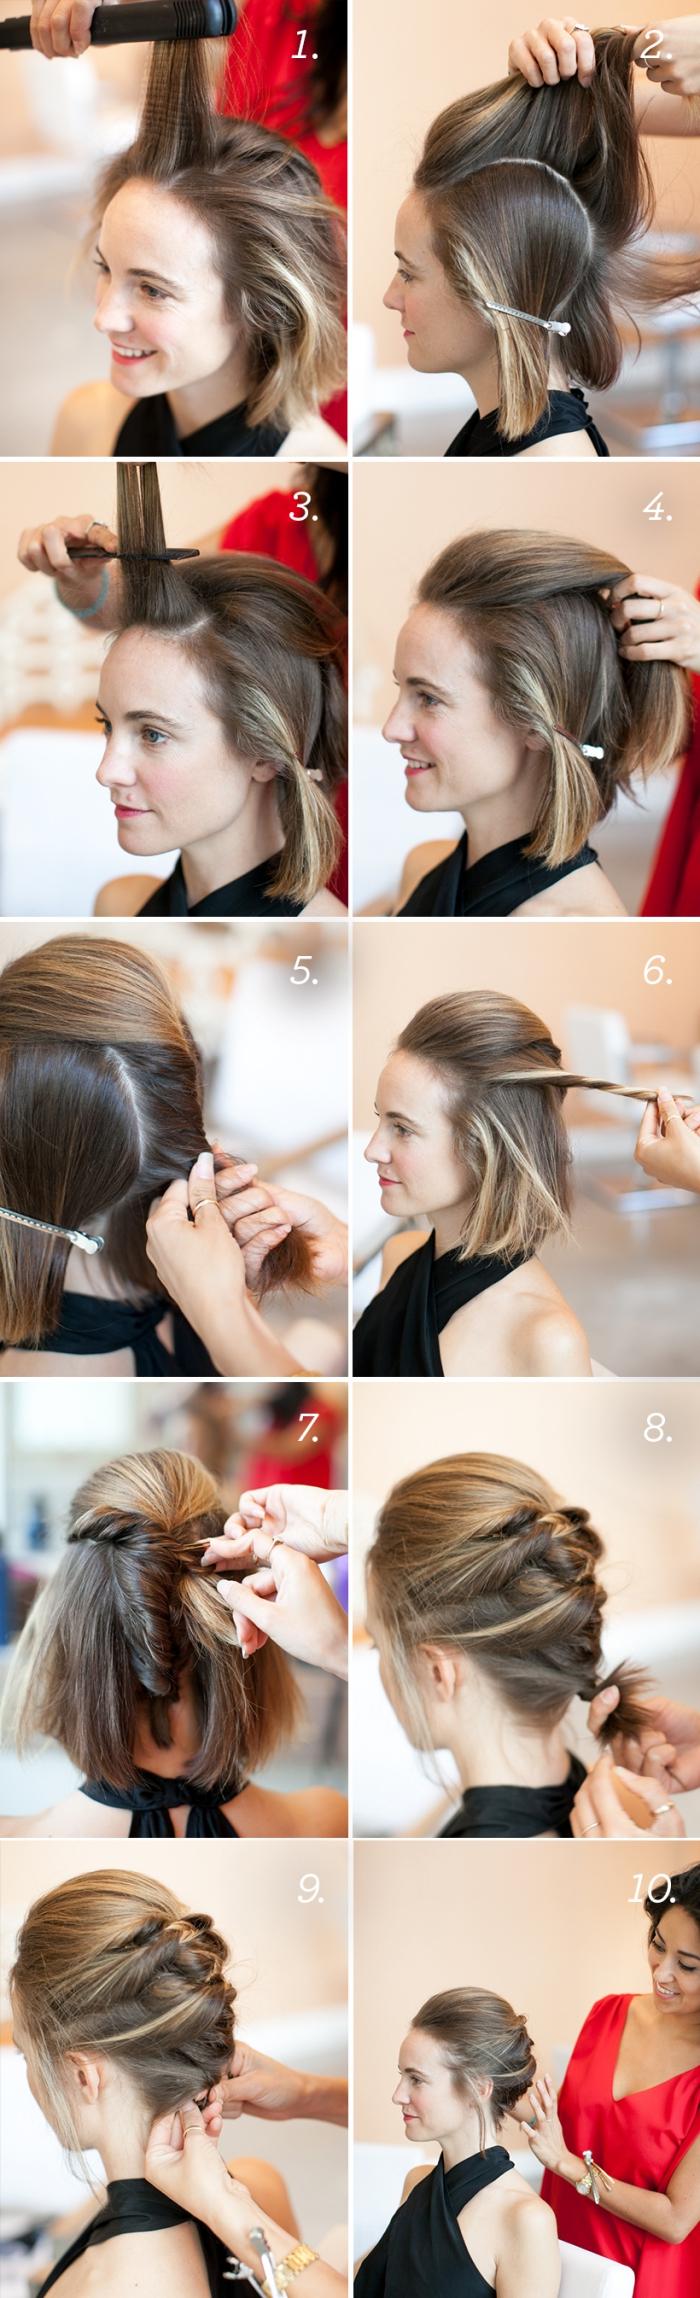 ideas de peinados pelo corto en tutoriales, como hacer recogidos sencillos paso a paso